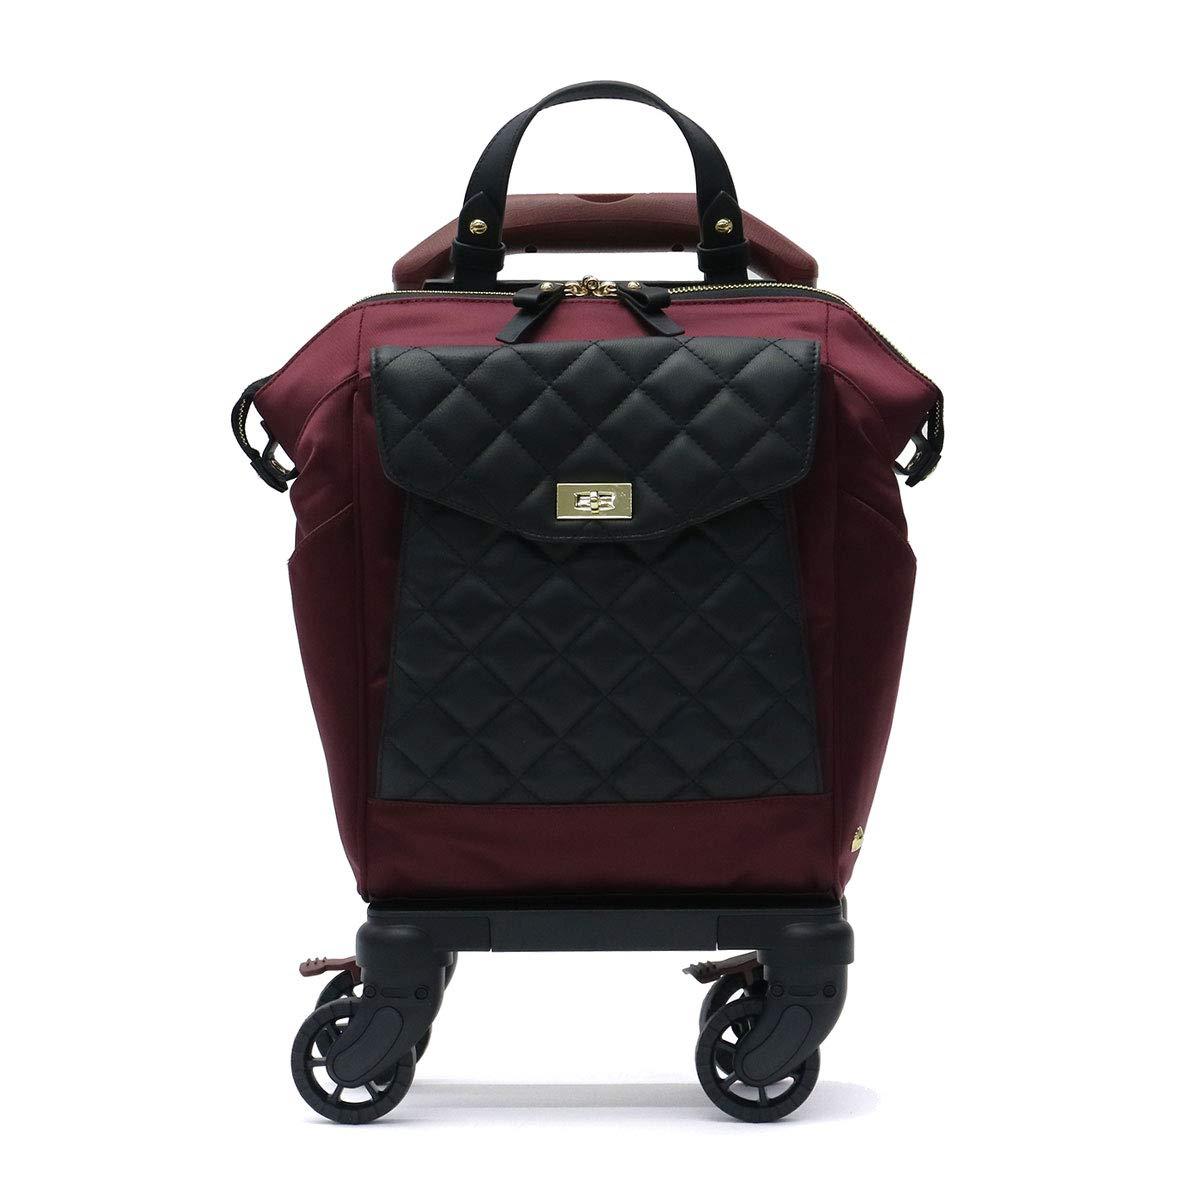 [ソエルテ] スーツケース ノービレ キャスターストッパー付 可(国内線100席未満、3辺合計100cm以内) 9L 30 cm 2kg B07JK9DVQG バーガンディ